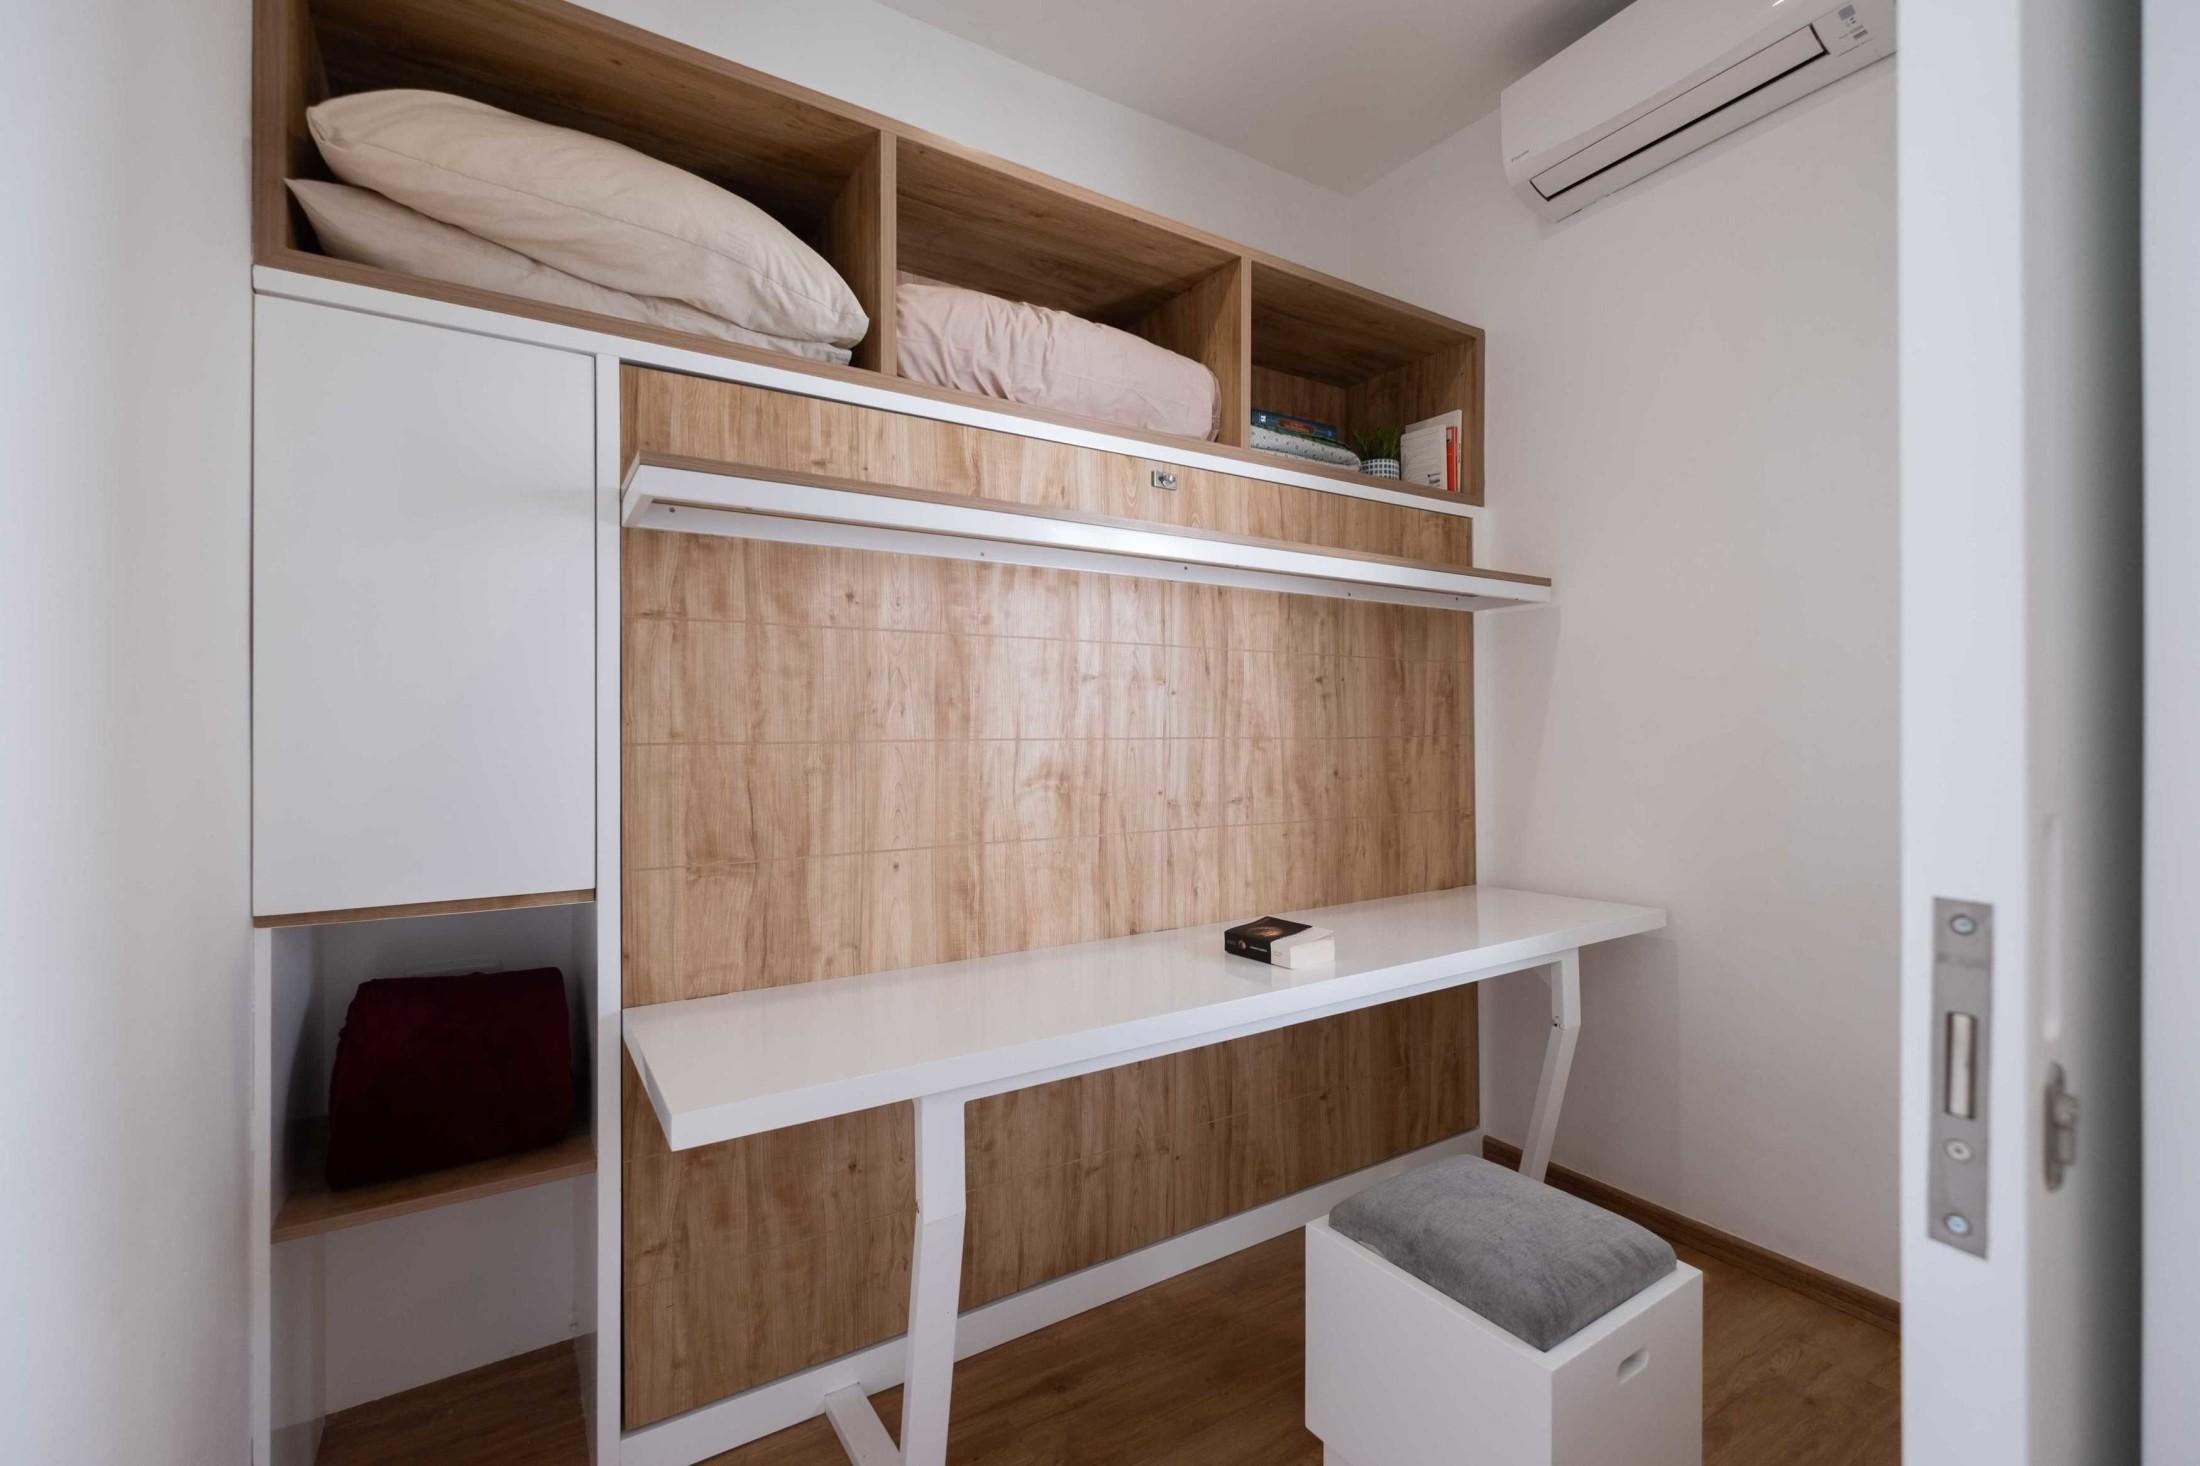 Sebuah ruang kerja atau bisa juga dijadikan ruang belajar dilengkapi dengan sofa mungil. Lagi-lagi, walau mungil, sofa itu memiliki area penyimpanan di bawahnya.